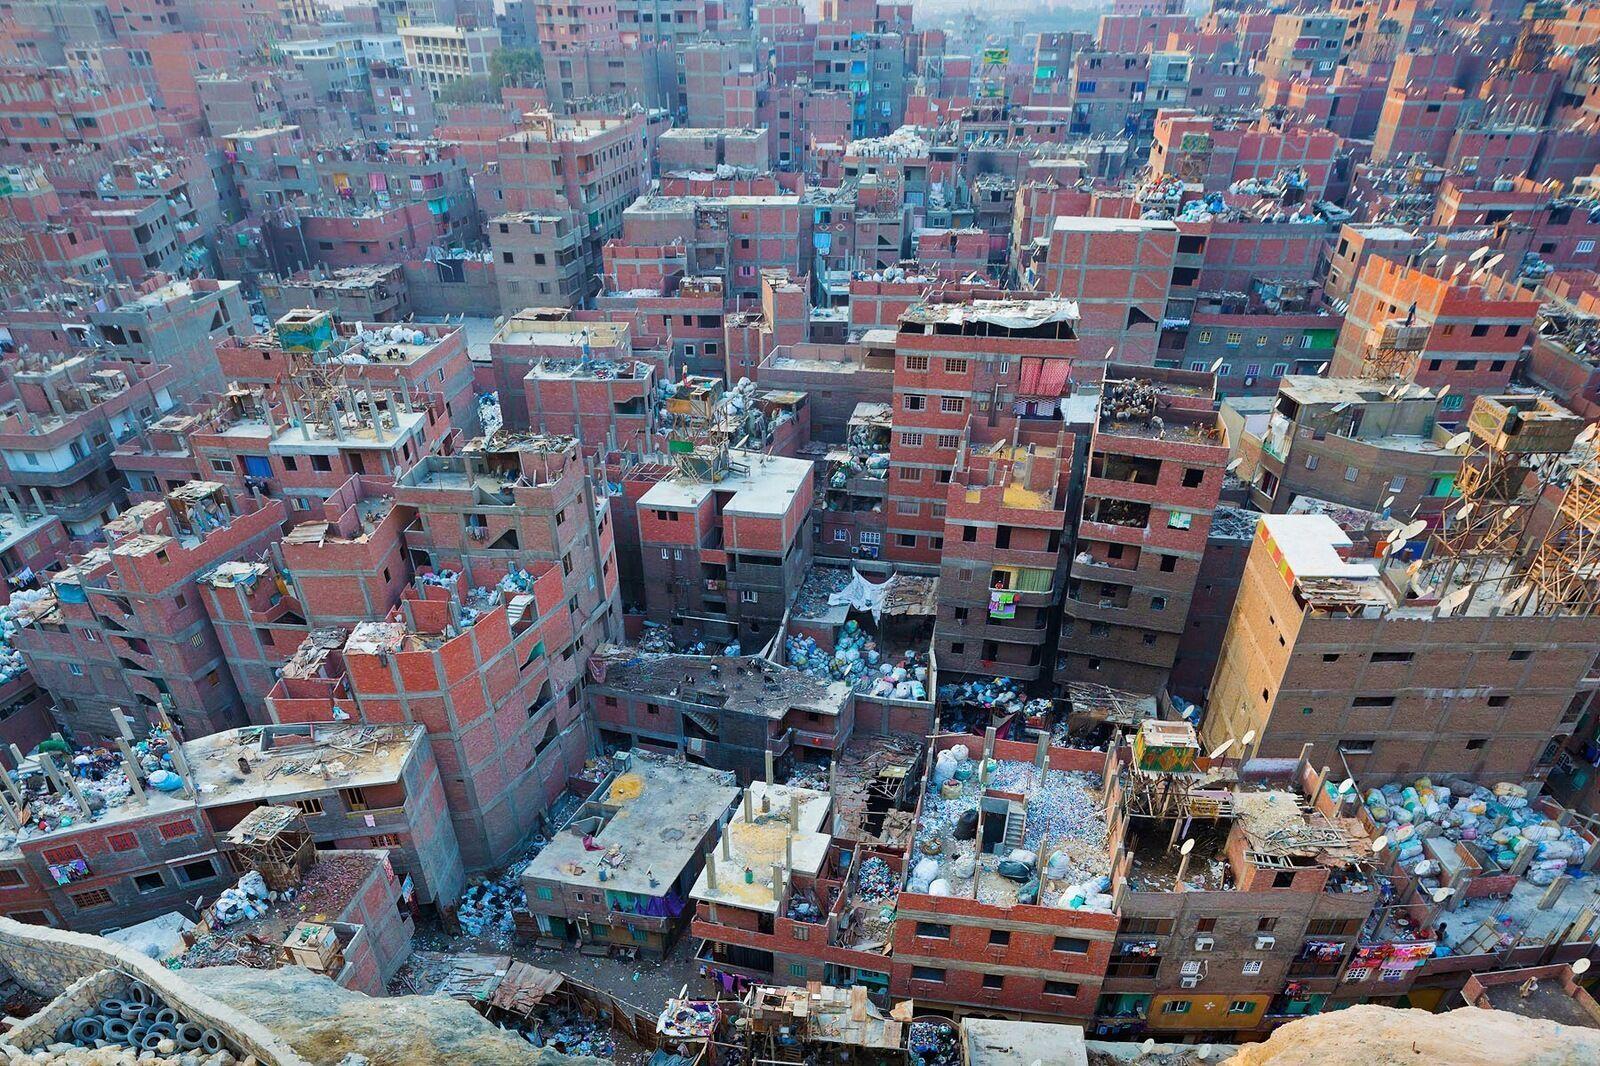 Маншият-Насир – одне з найдивніших міст світу